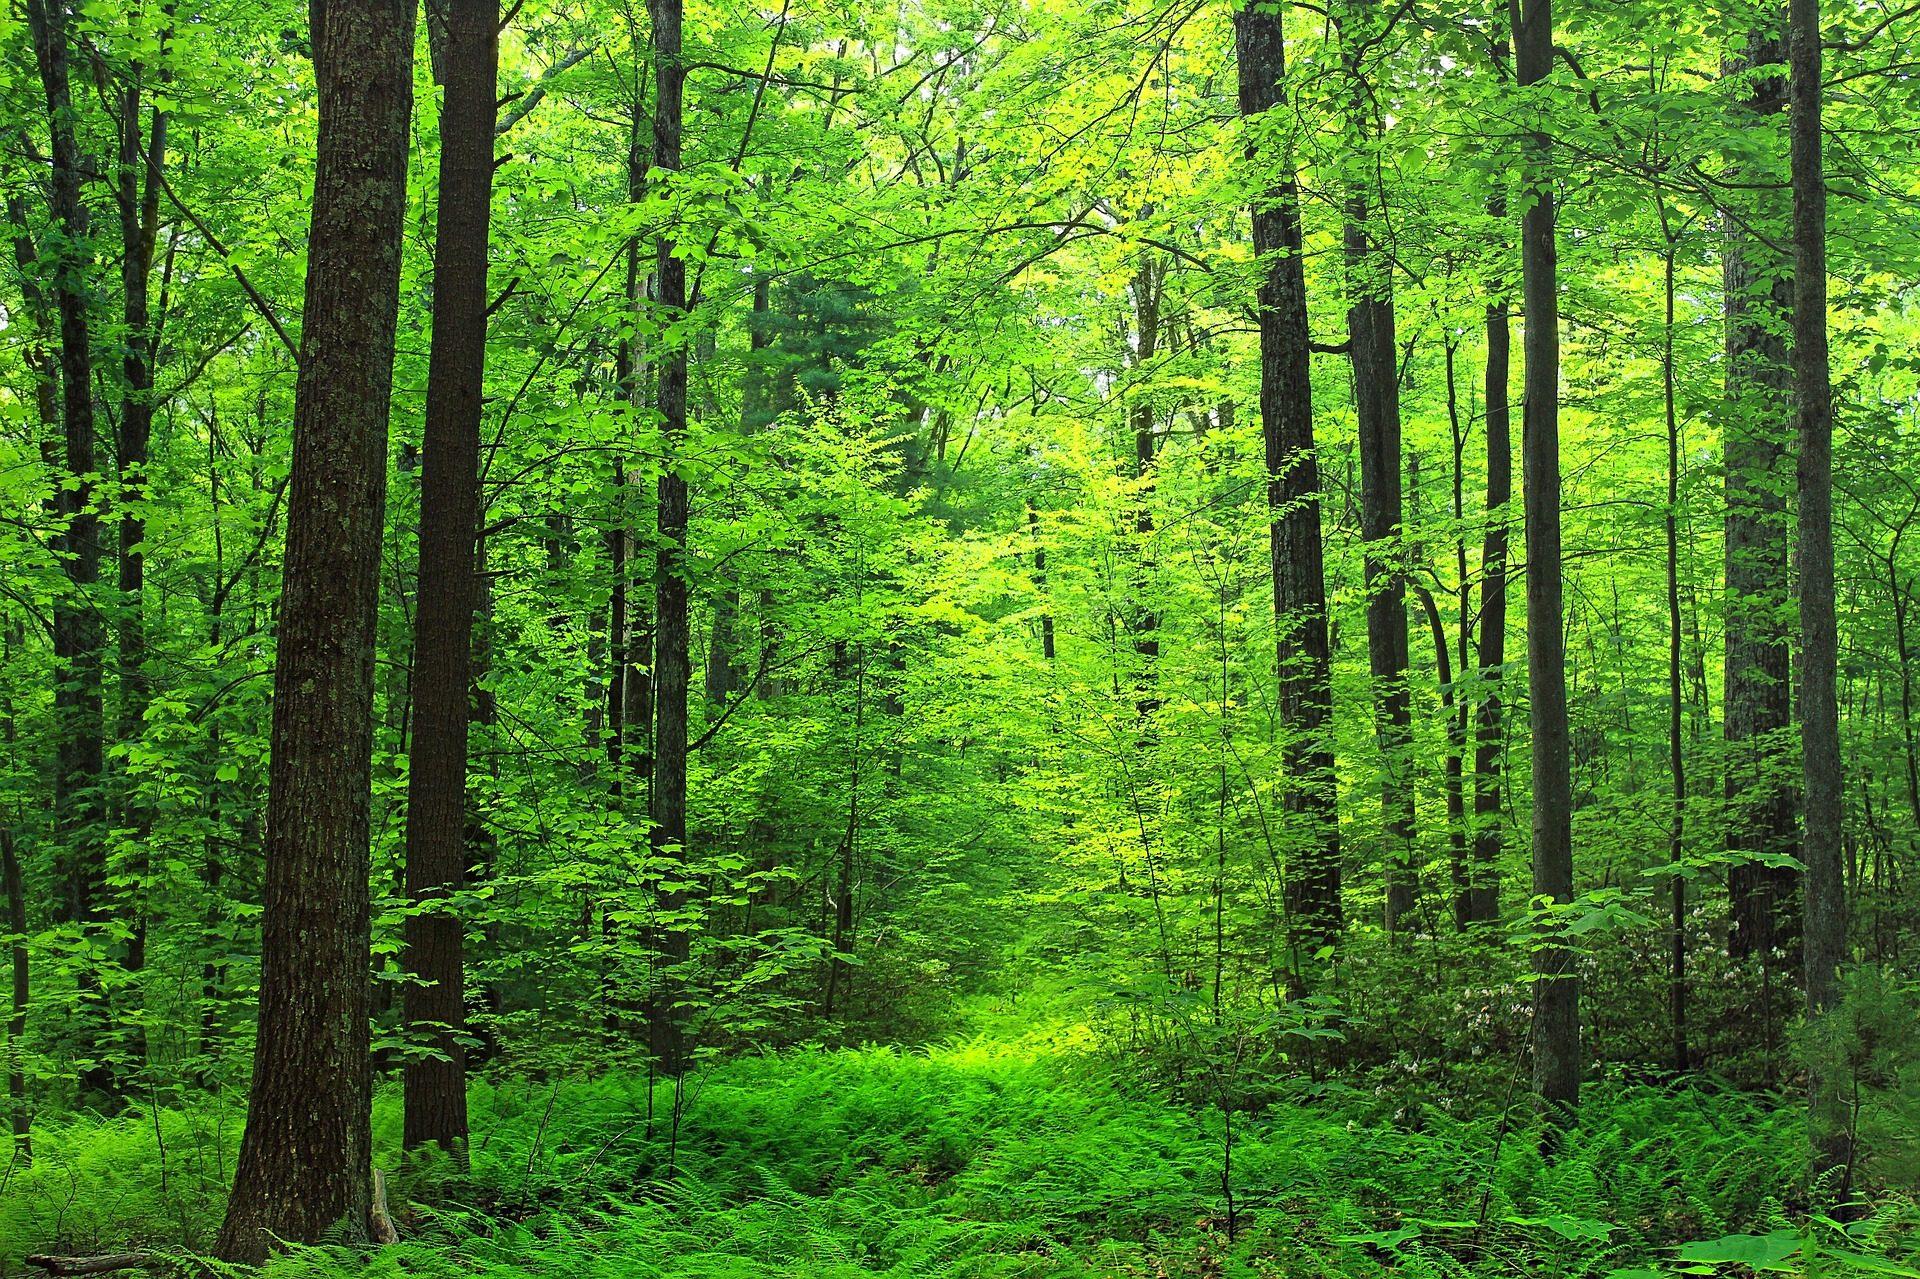 лес, деревья, пышные, растительность, растений - Обои HD - Профессор falken.com